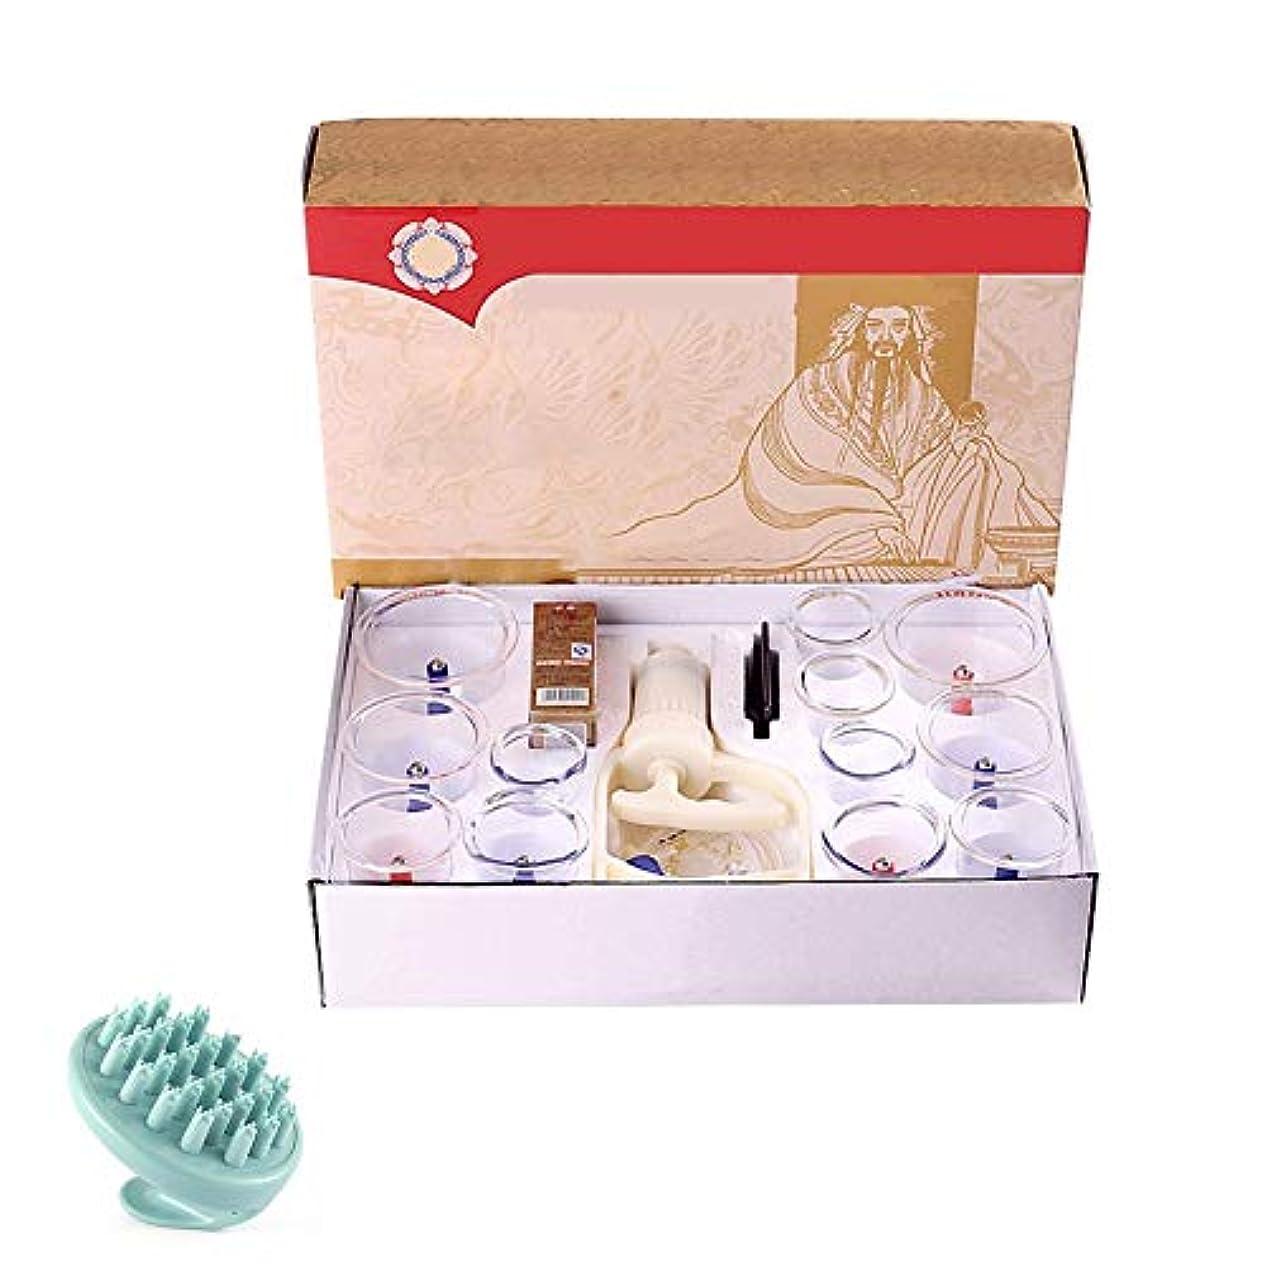 ご意見旋律的コントローラ12カップマッサージカッピングセット、真空吸引生体磁気中国ツボ療法、女性と男性のための家、ストレス筋肉緩和、親家族のための最高の贈り物